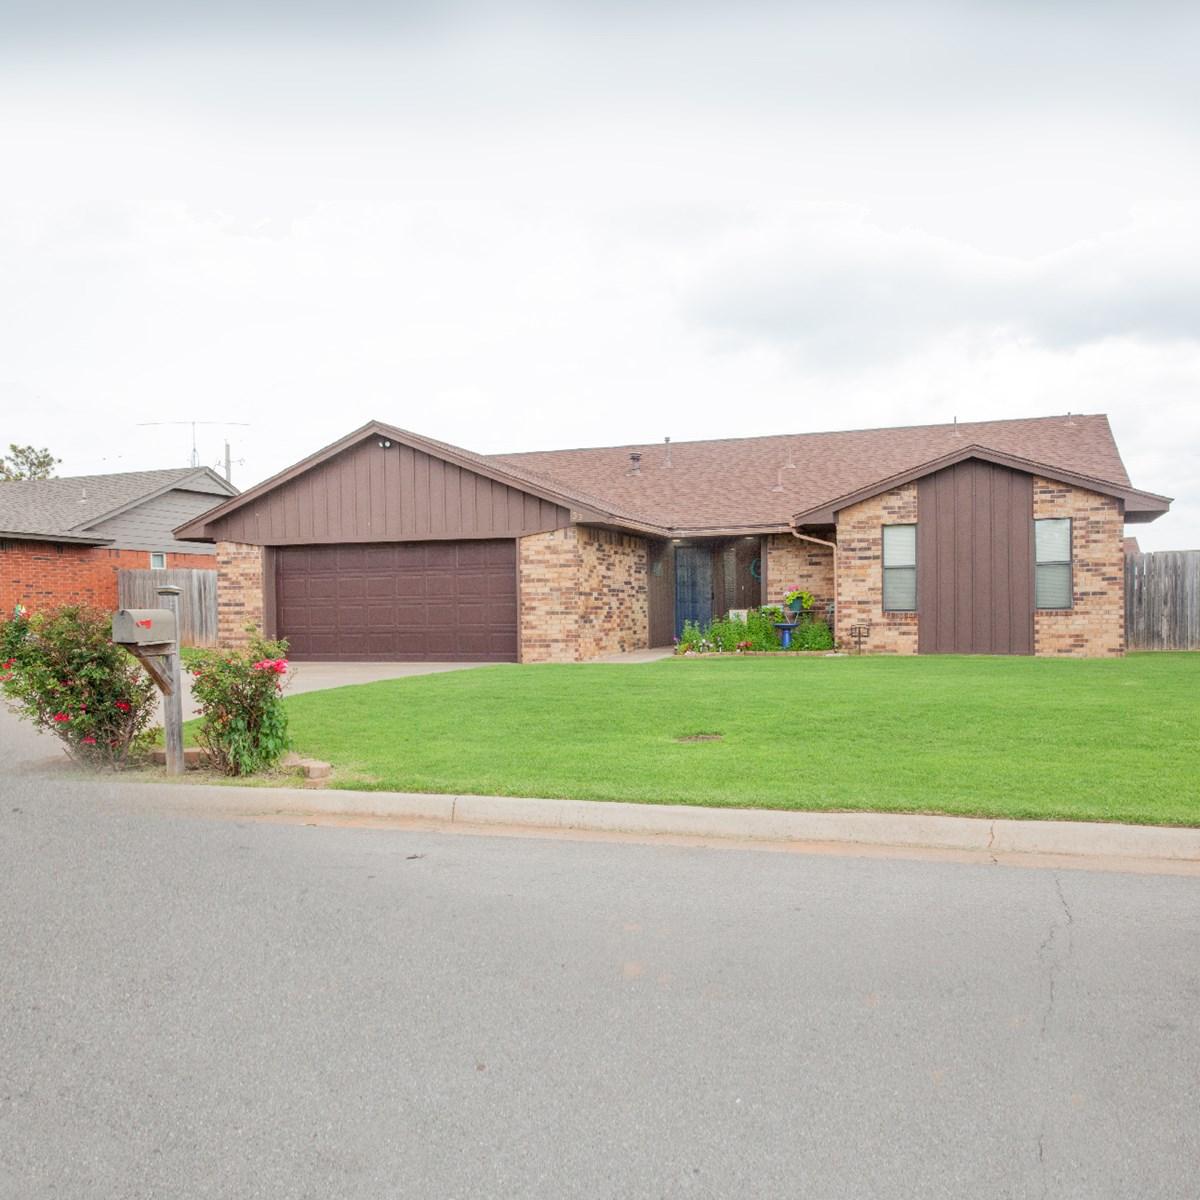 Western Oklahoma Clinton, OK home for sale Custer County